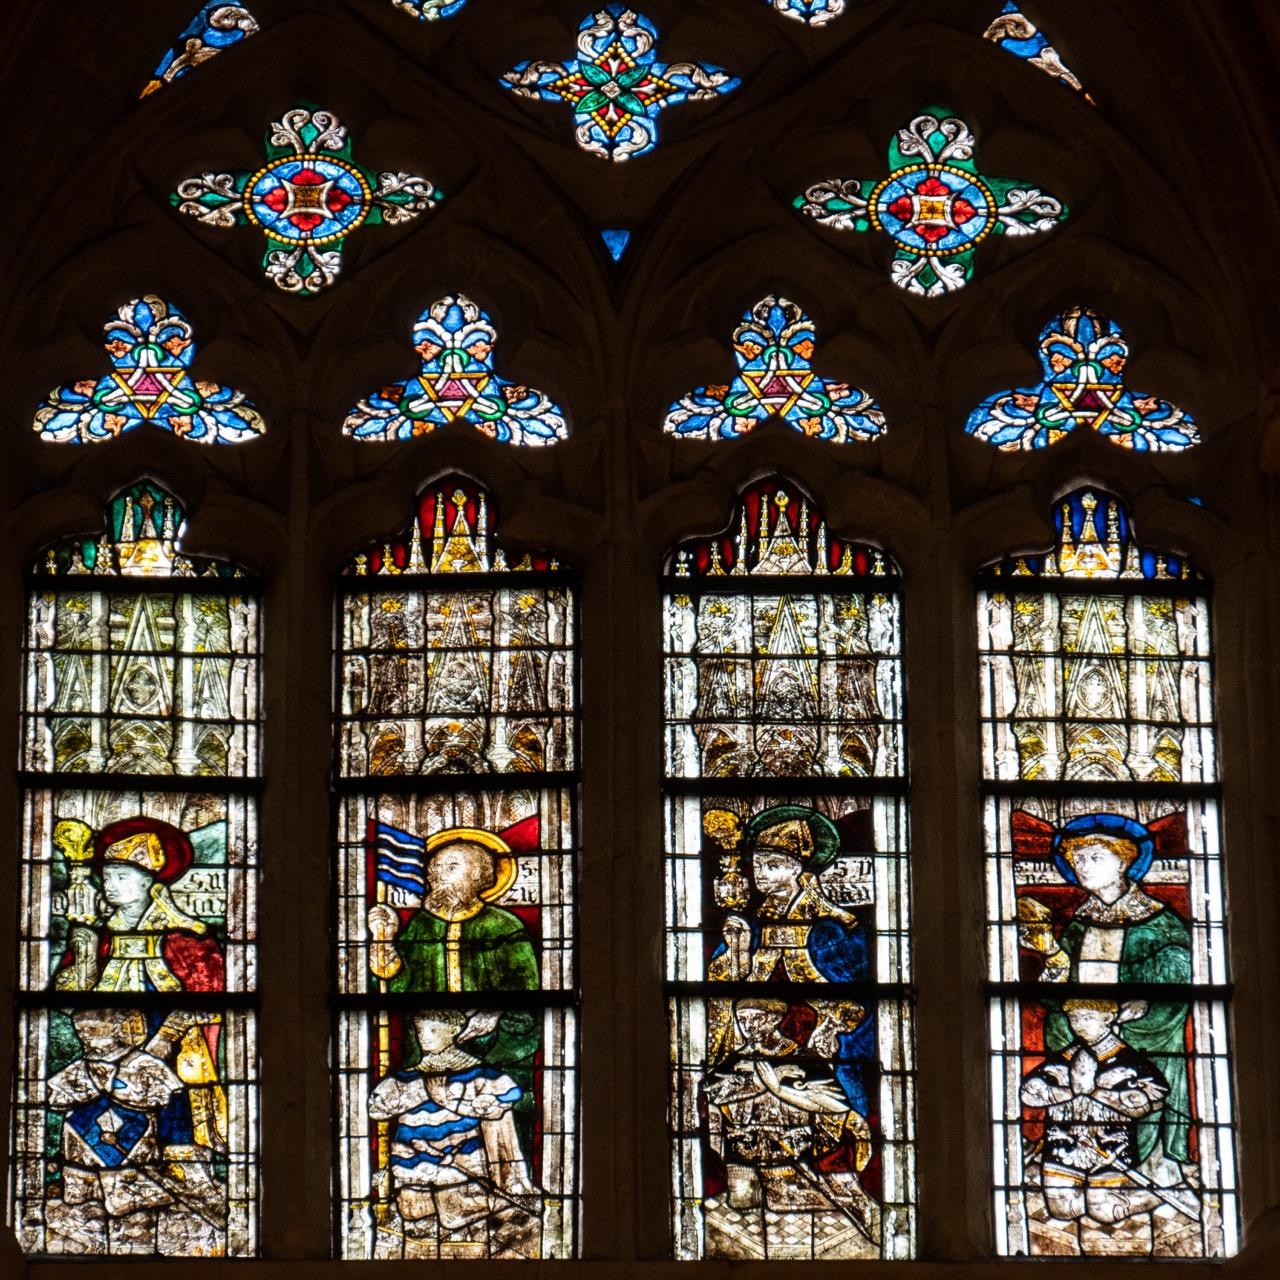 Obergadenfenster im Chor mit Personen aus der Familie Tréanna (Jean Soyer, 1417/19)